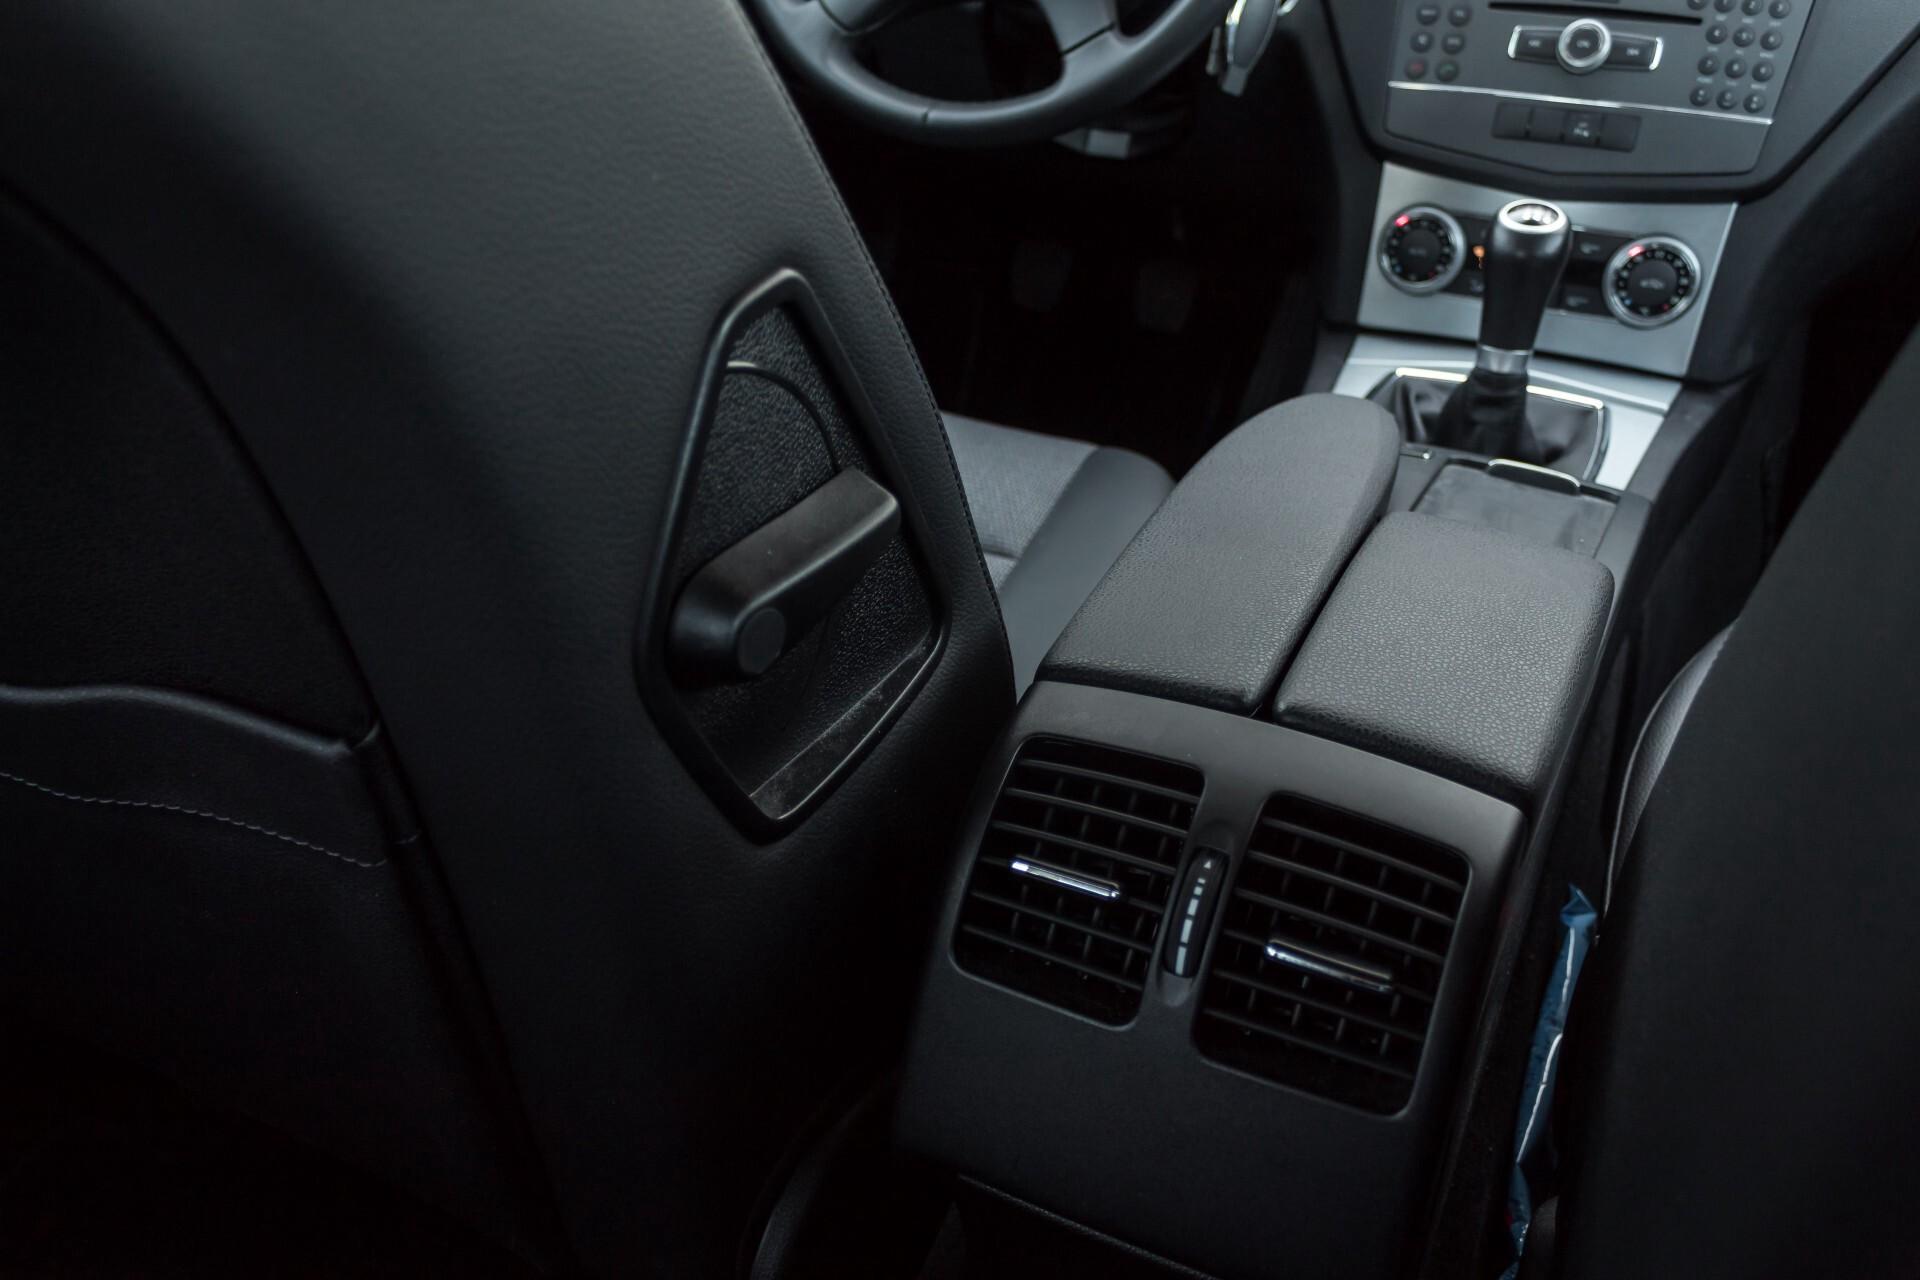 Mercedes-Benz C-Klasse 180 K Avantgarde 1ste eigenaar/NL geleverd/Dealer onderhouden/Volledig gedocumenteerd Foto 28